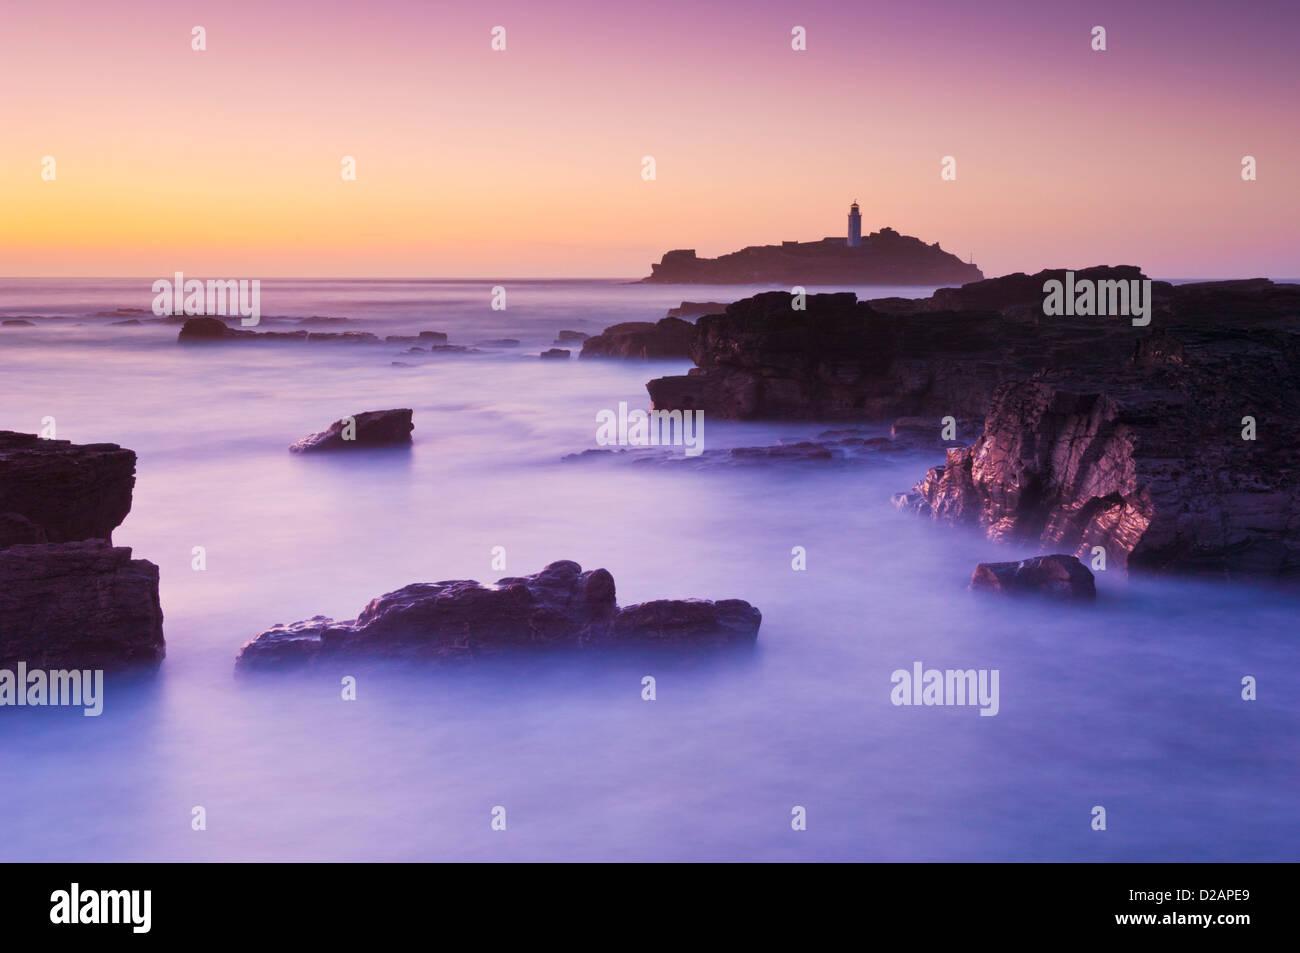 Tramonto a Godrevy lighthouse, costa nord della Cornovaglia, Inghilterra, Regno Unito, GB, Unione Europea, Europa Immagini Stock